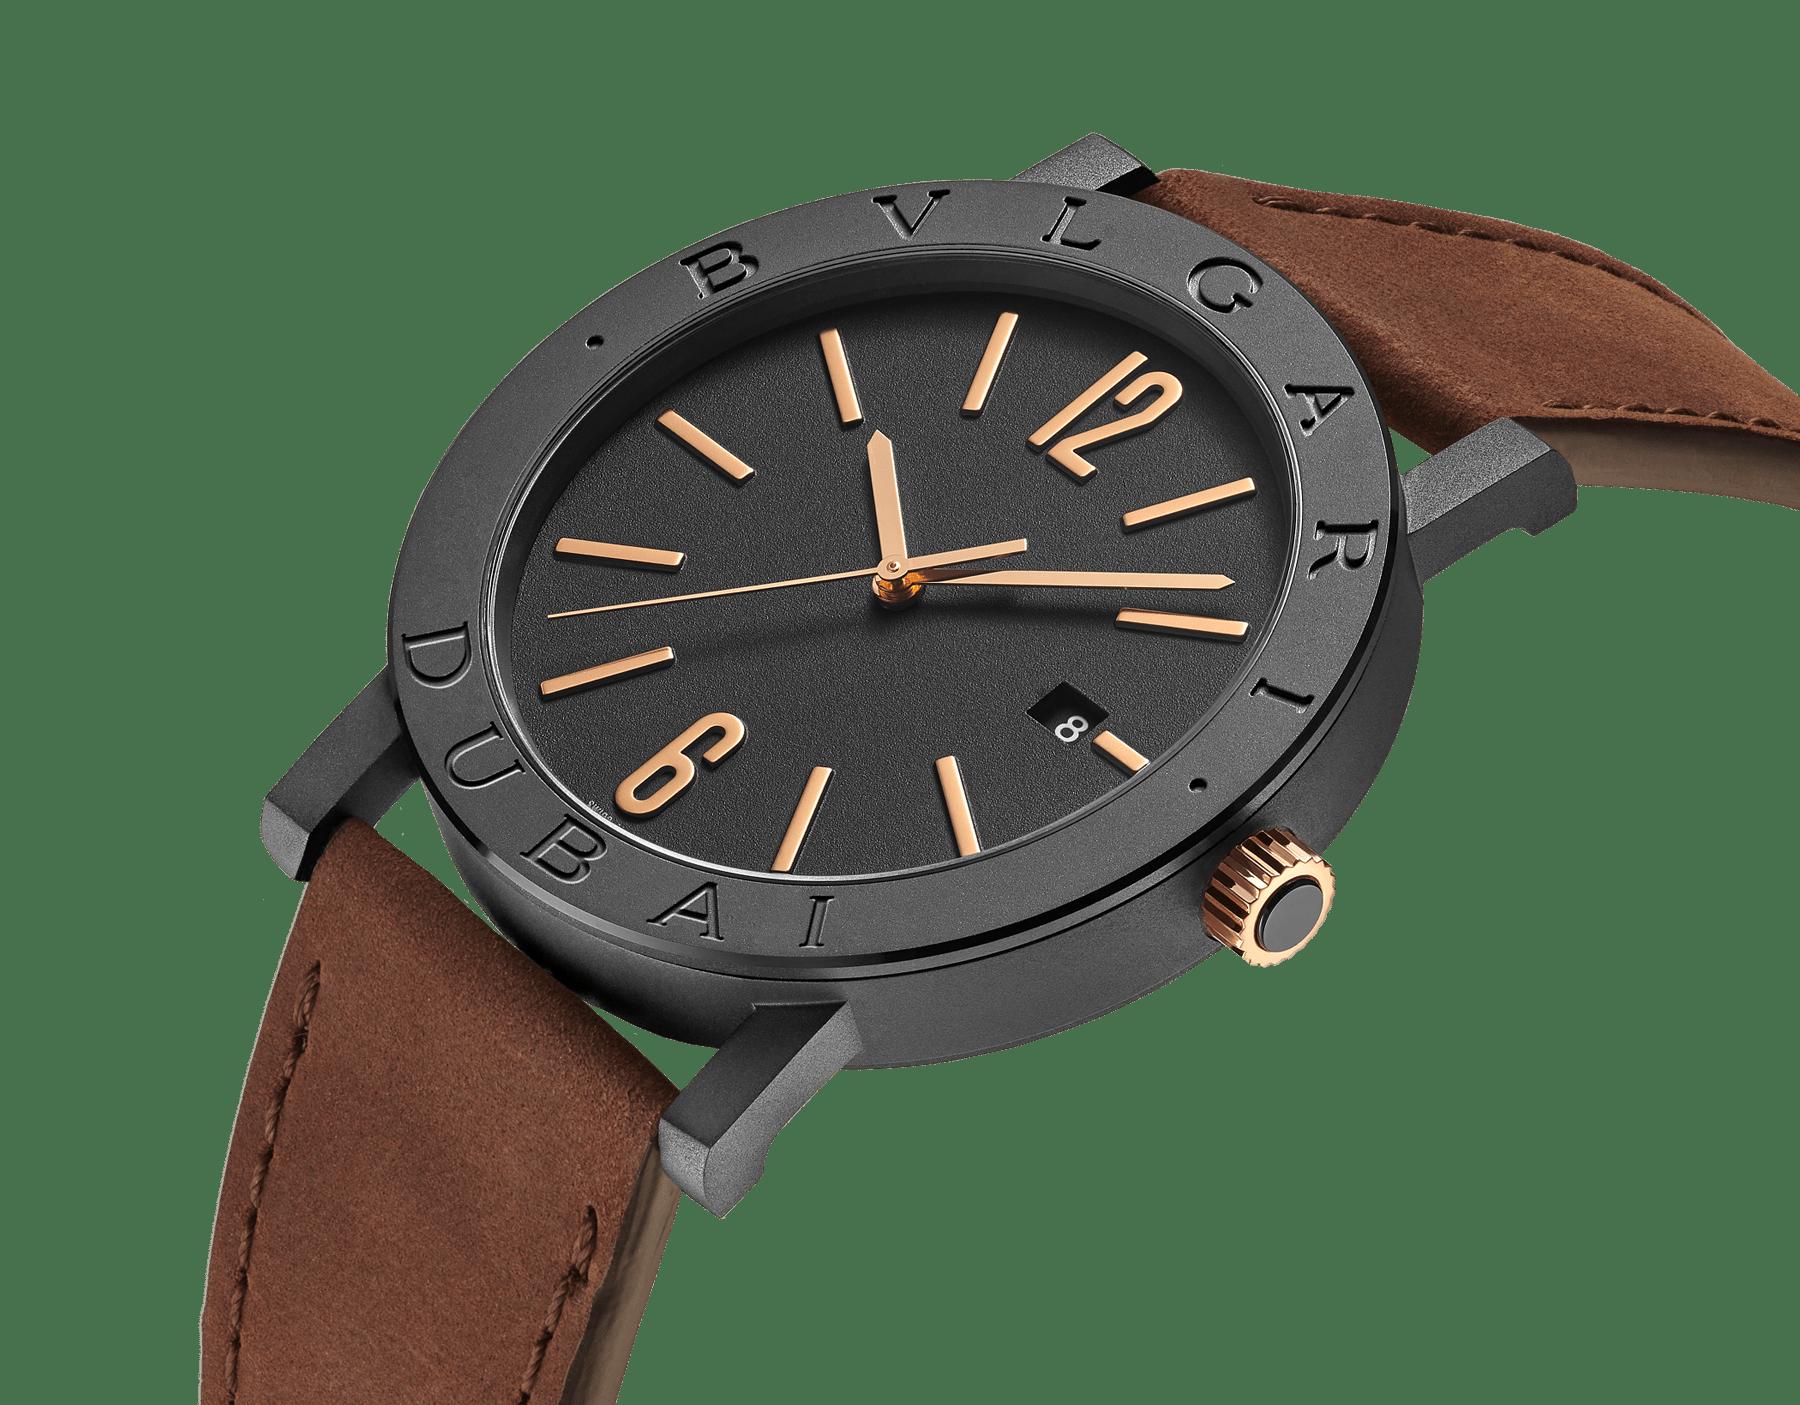 """ساعة """"بولغري بولغري سيتيز سبيشل إيديشن، DUBAI"""" بآلية حركة ميكانيكية مصنّعة من قبل بولغري، تعبئة أوتوماتيكية، آلية BVL 191.، علبة الساعة من الفولاذ المعالج بالكربون الأسود الشبيه بالألماس مع نقش """"BVLGARI DUBAI"""" على إطار الساعة، غطاء خلفي شفاف، ميناء مطلي بالمينا الأسود الخشن ومؤشرات الساعة من الذهب الوردي، سوار من جلد العجل البني، وسوار قابل للتبديل من المطاط الأسود. 103225 image 4"""